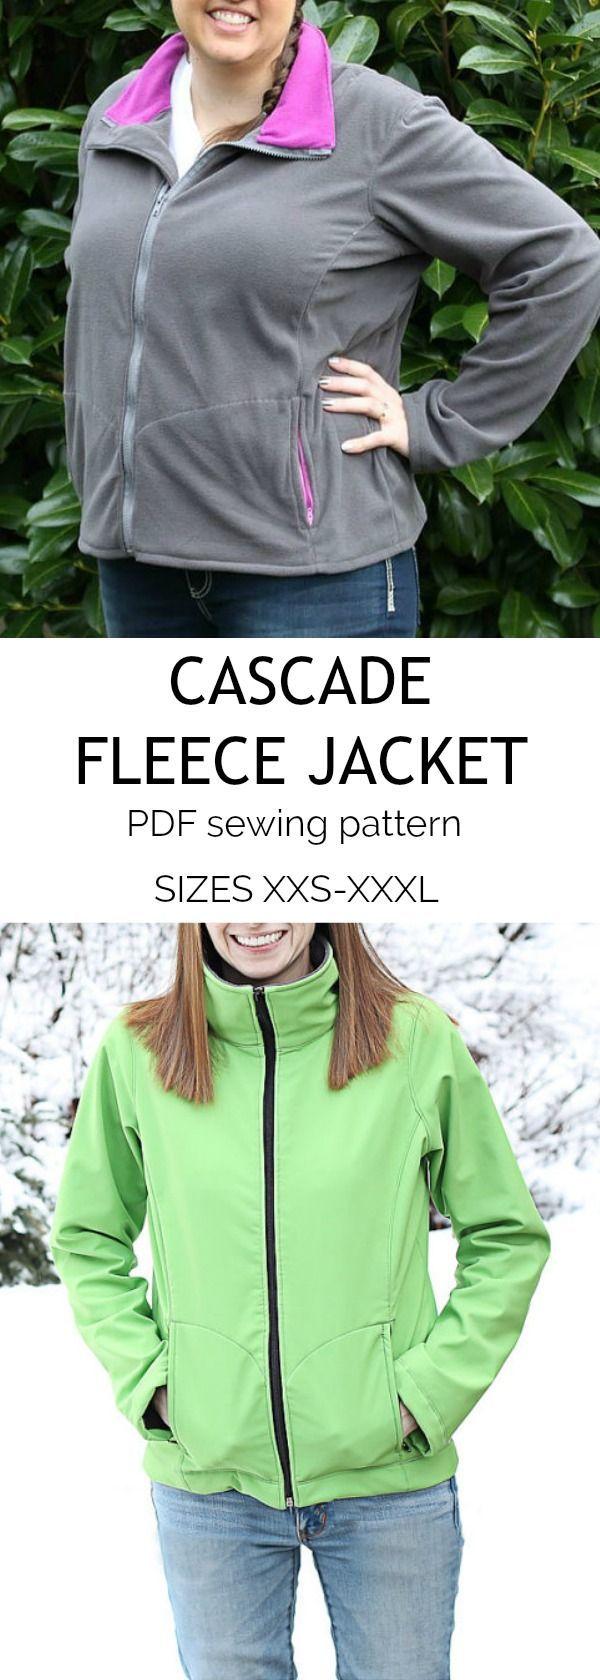 Cascade fleece jacket sew cute pinterest jacket pattern